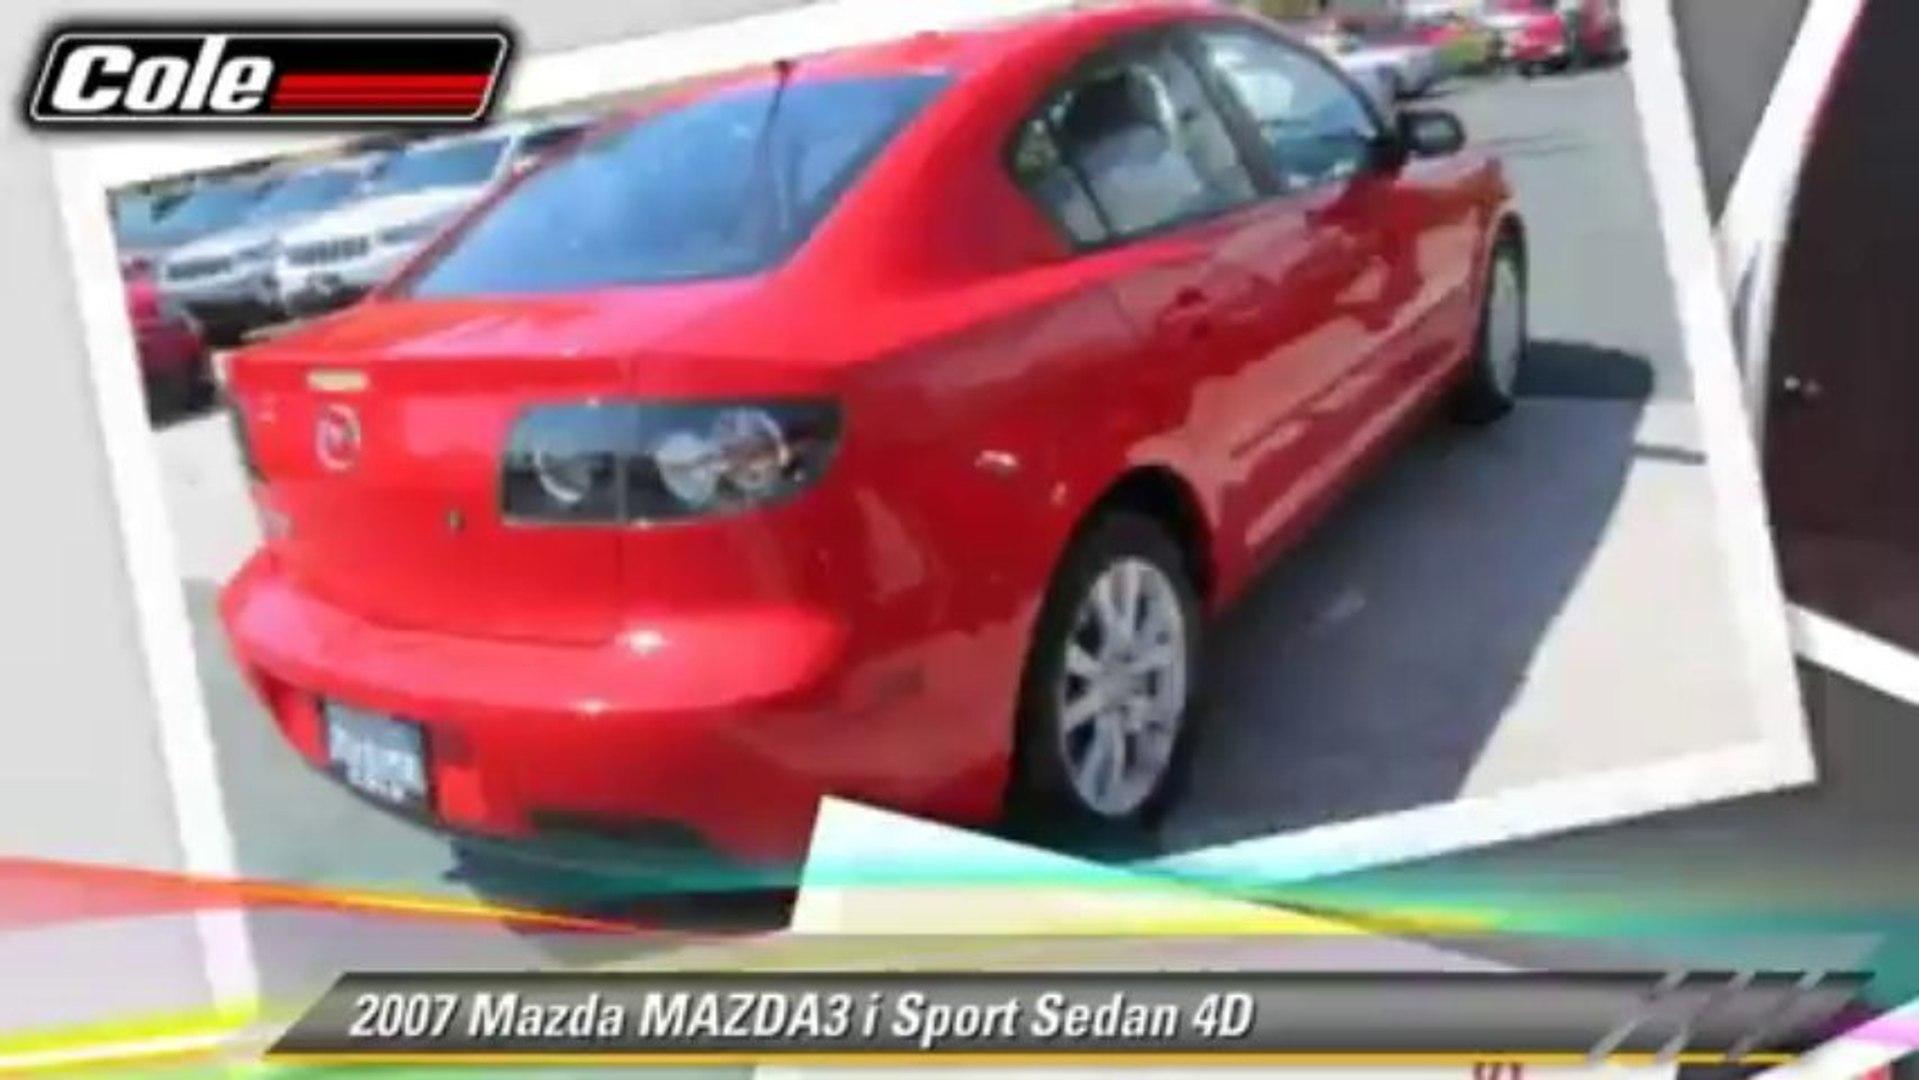 25+ Cole Mazda